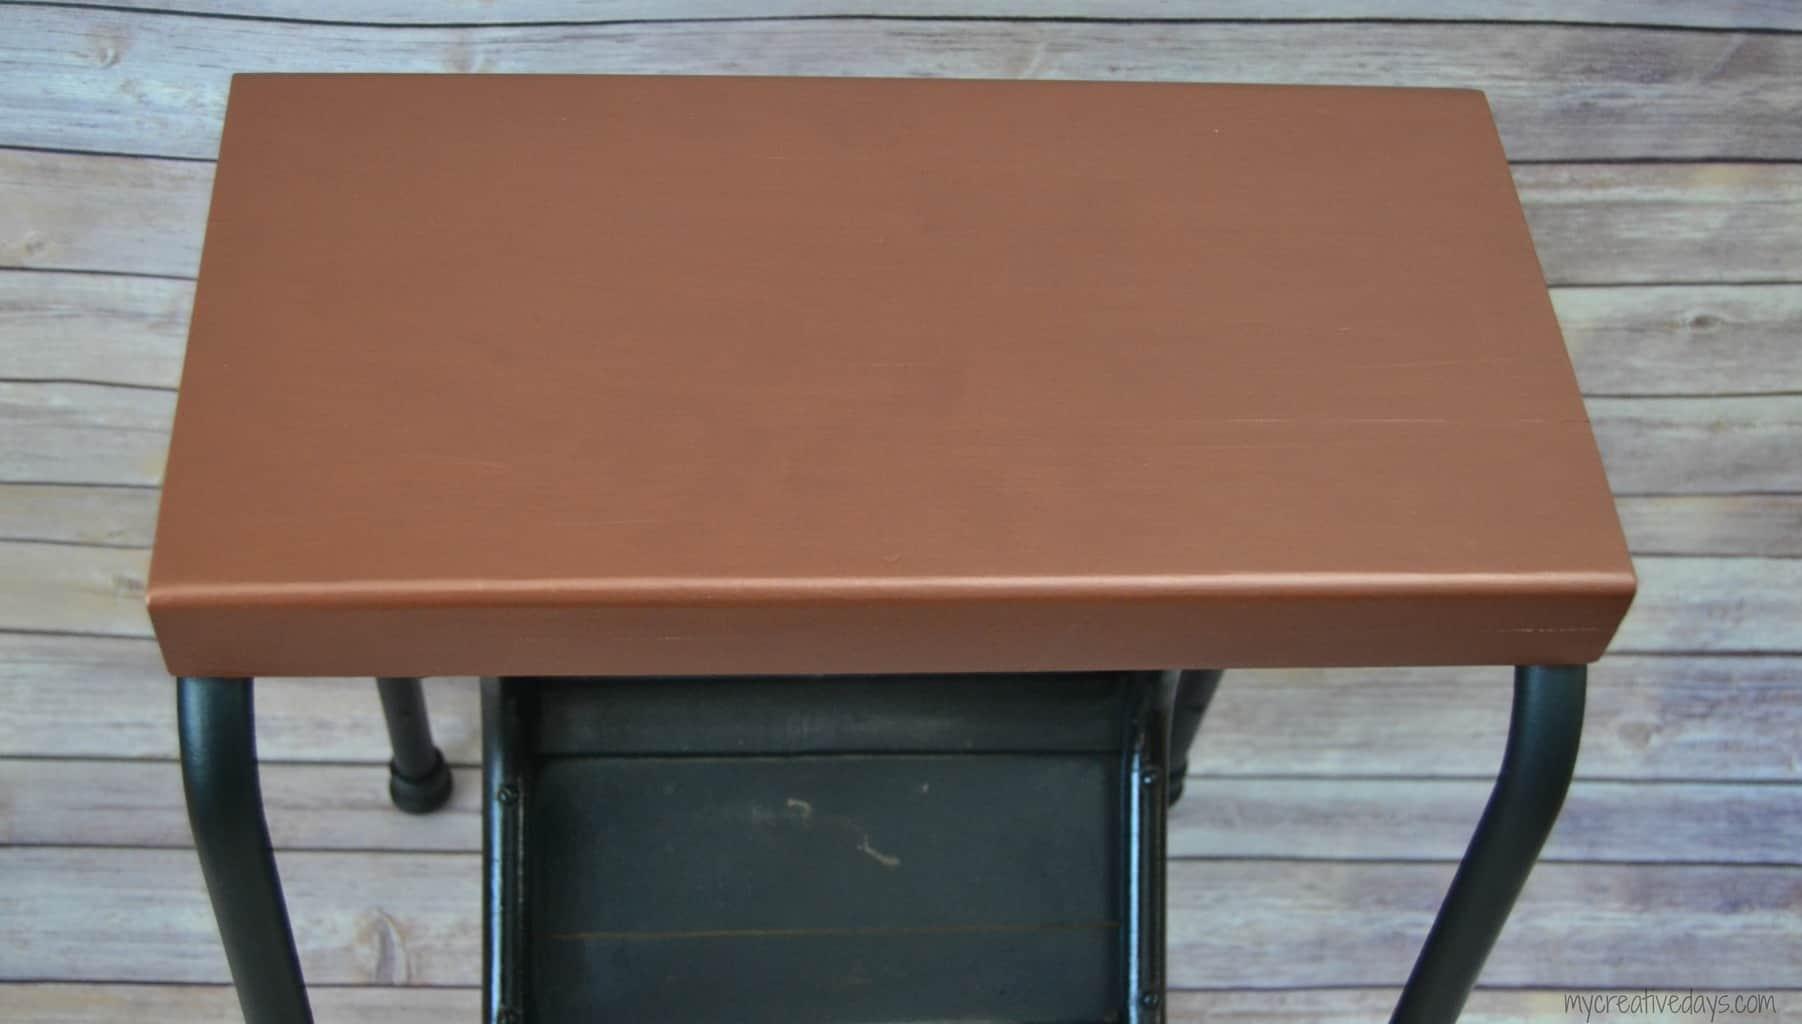 Copper Step Stool Makeover mycreativedays.com